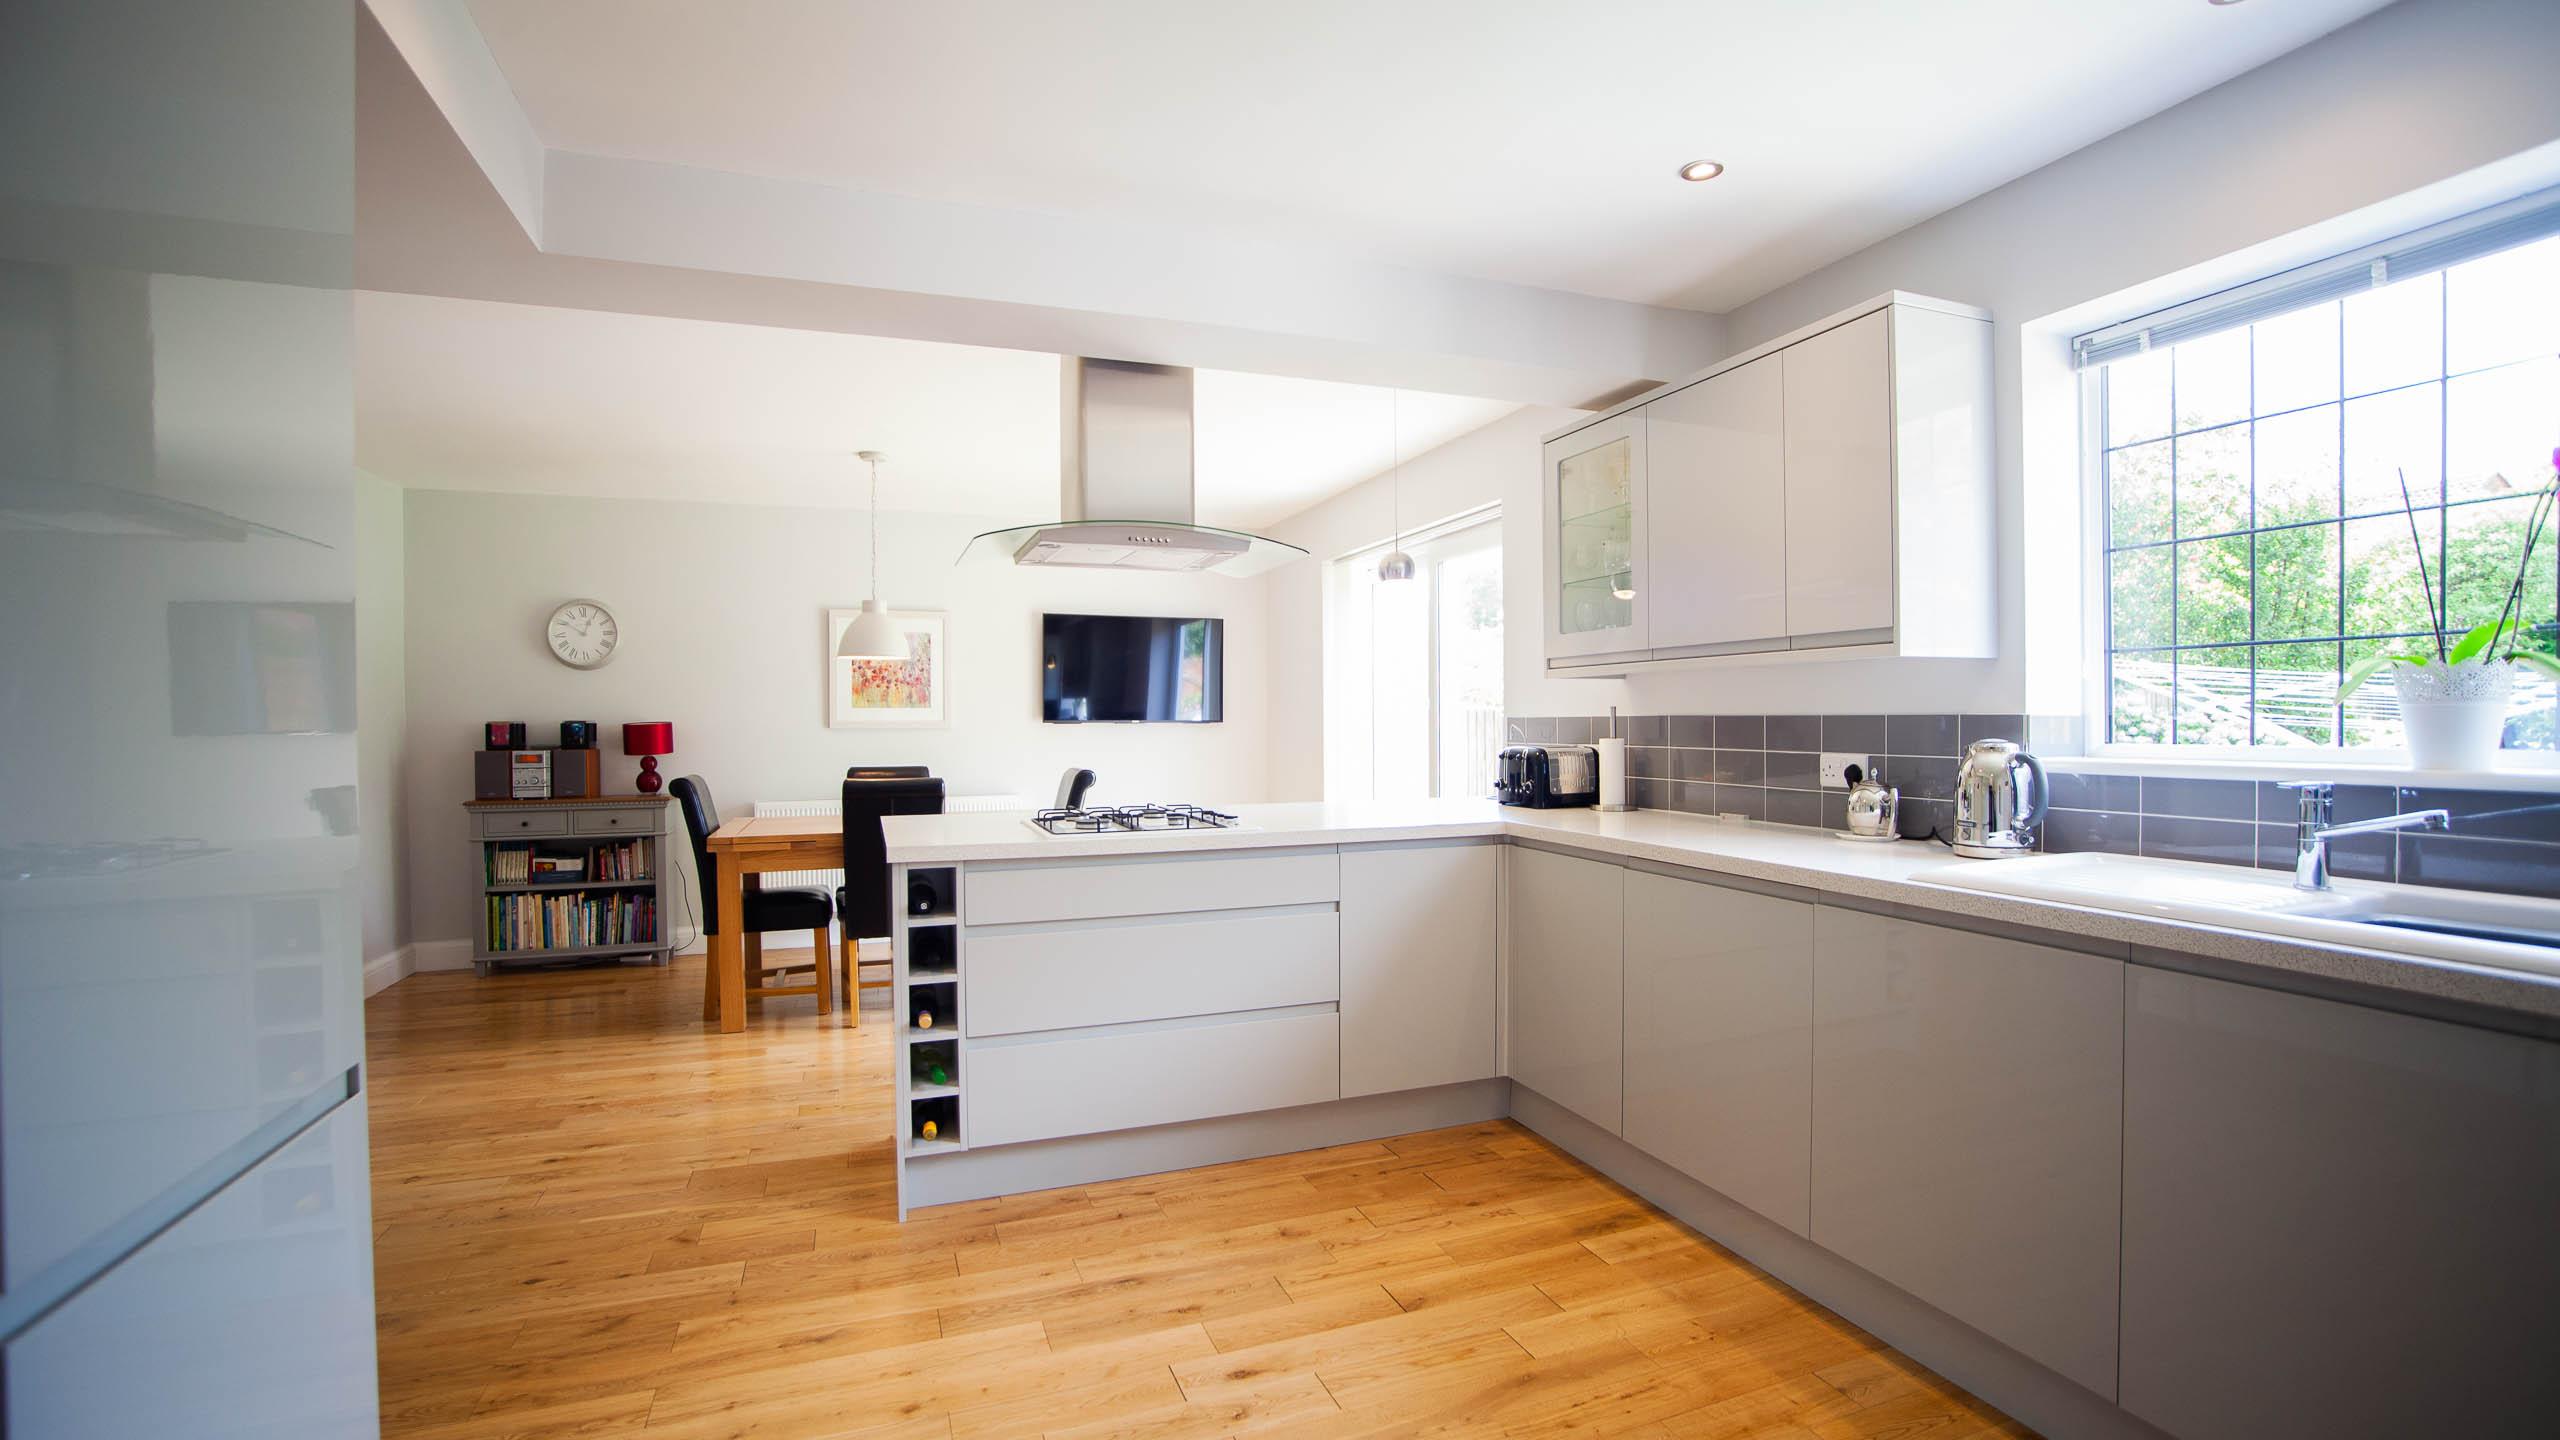 modern kitchen - kitchen installation by RJ Steele builders in Sussex